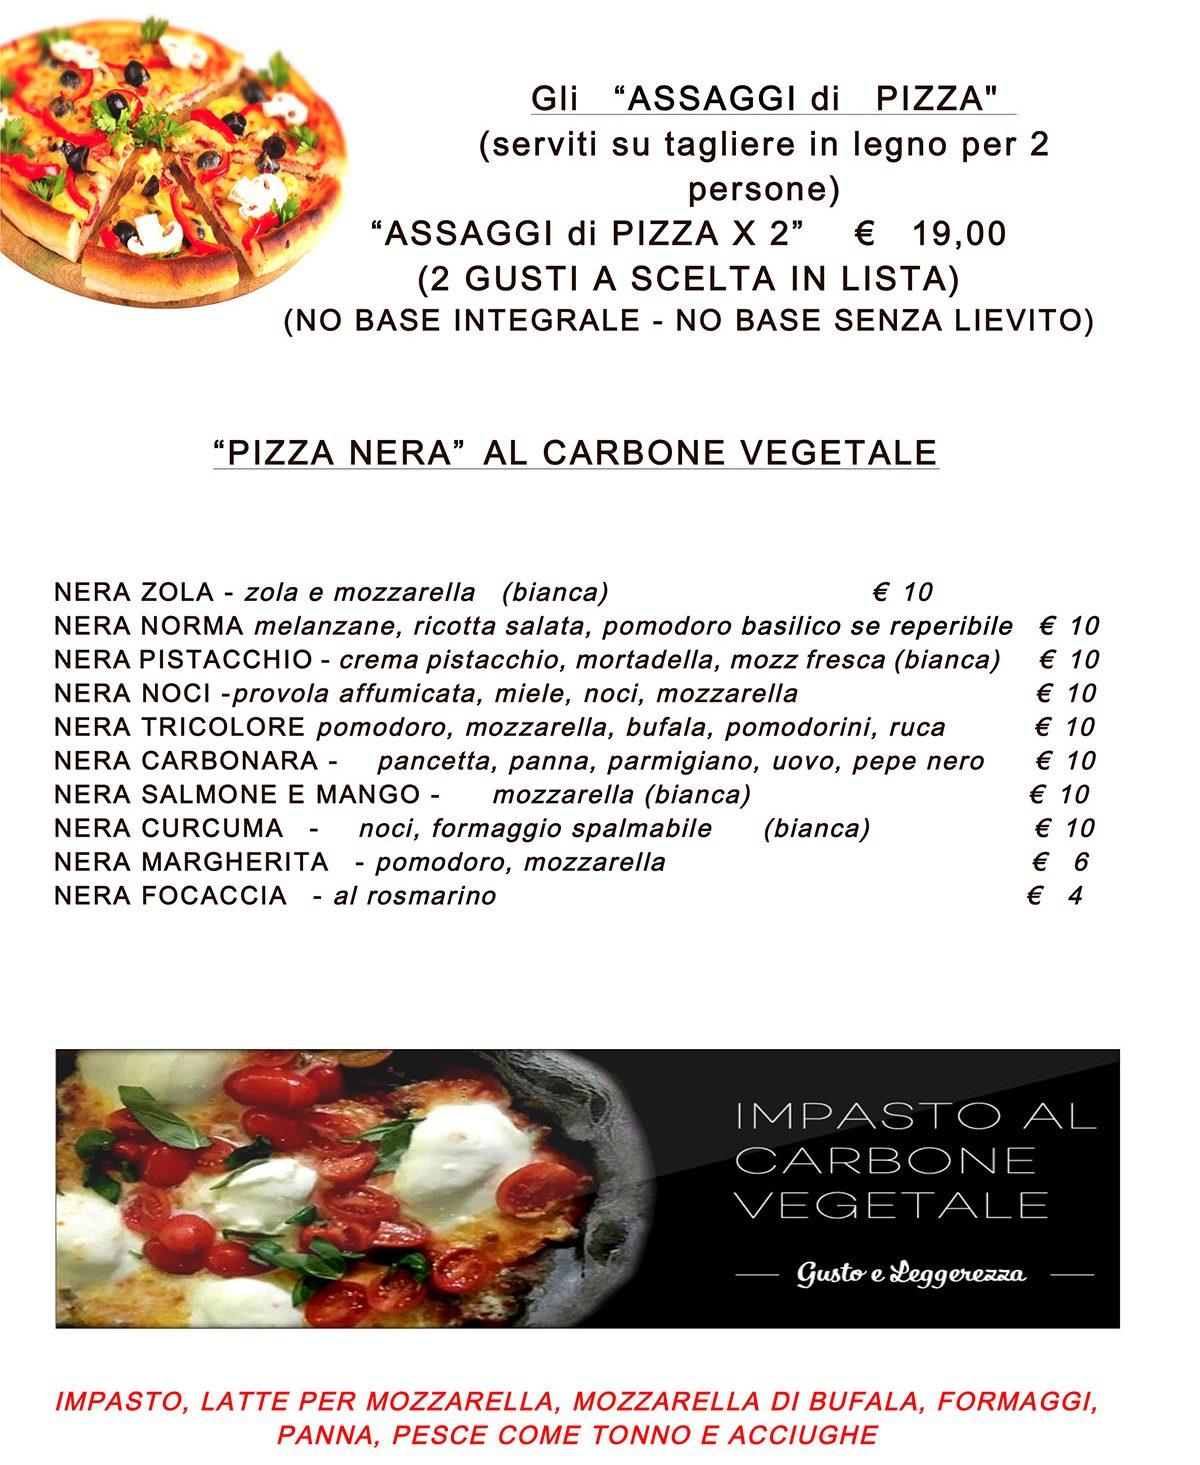 Microsoft Word - gli assaggi di pizza.docx